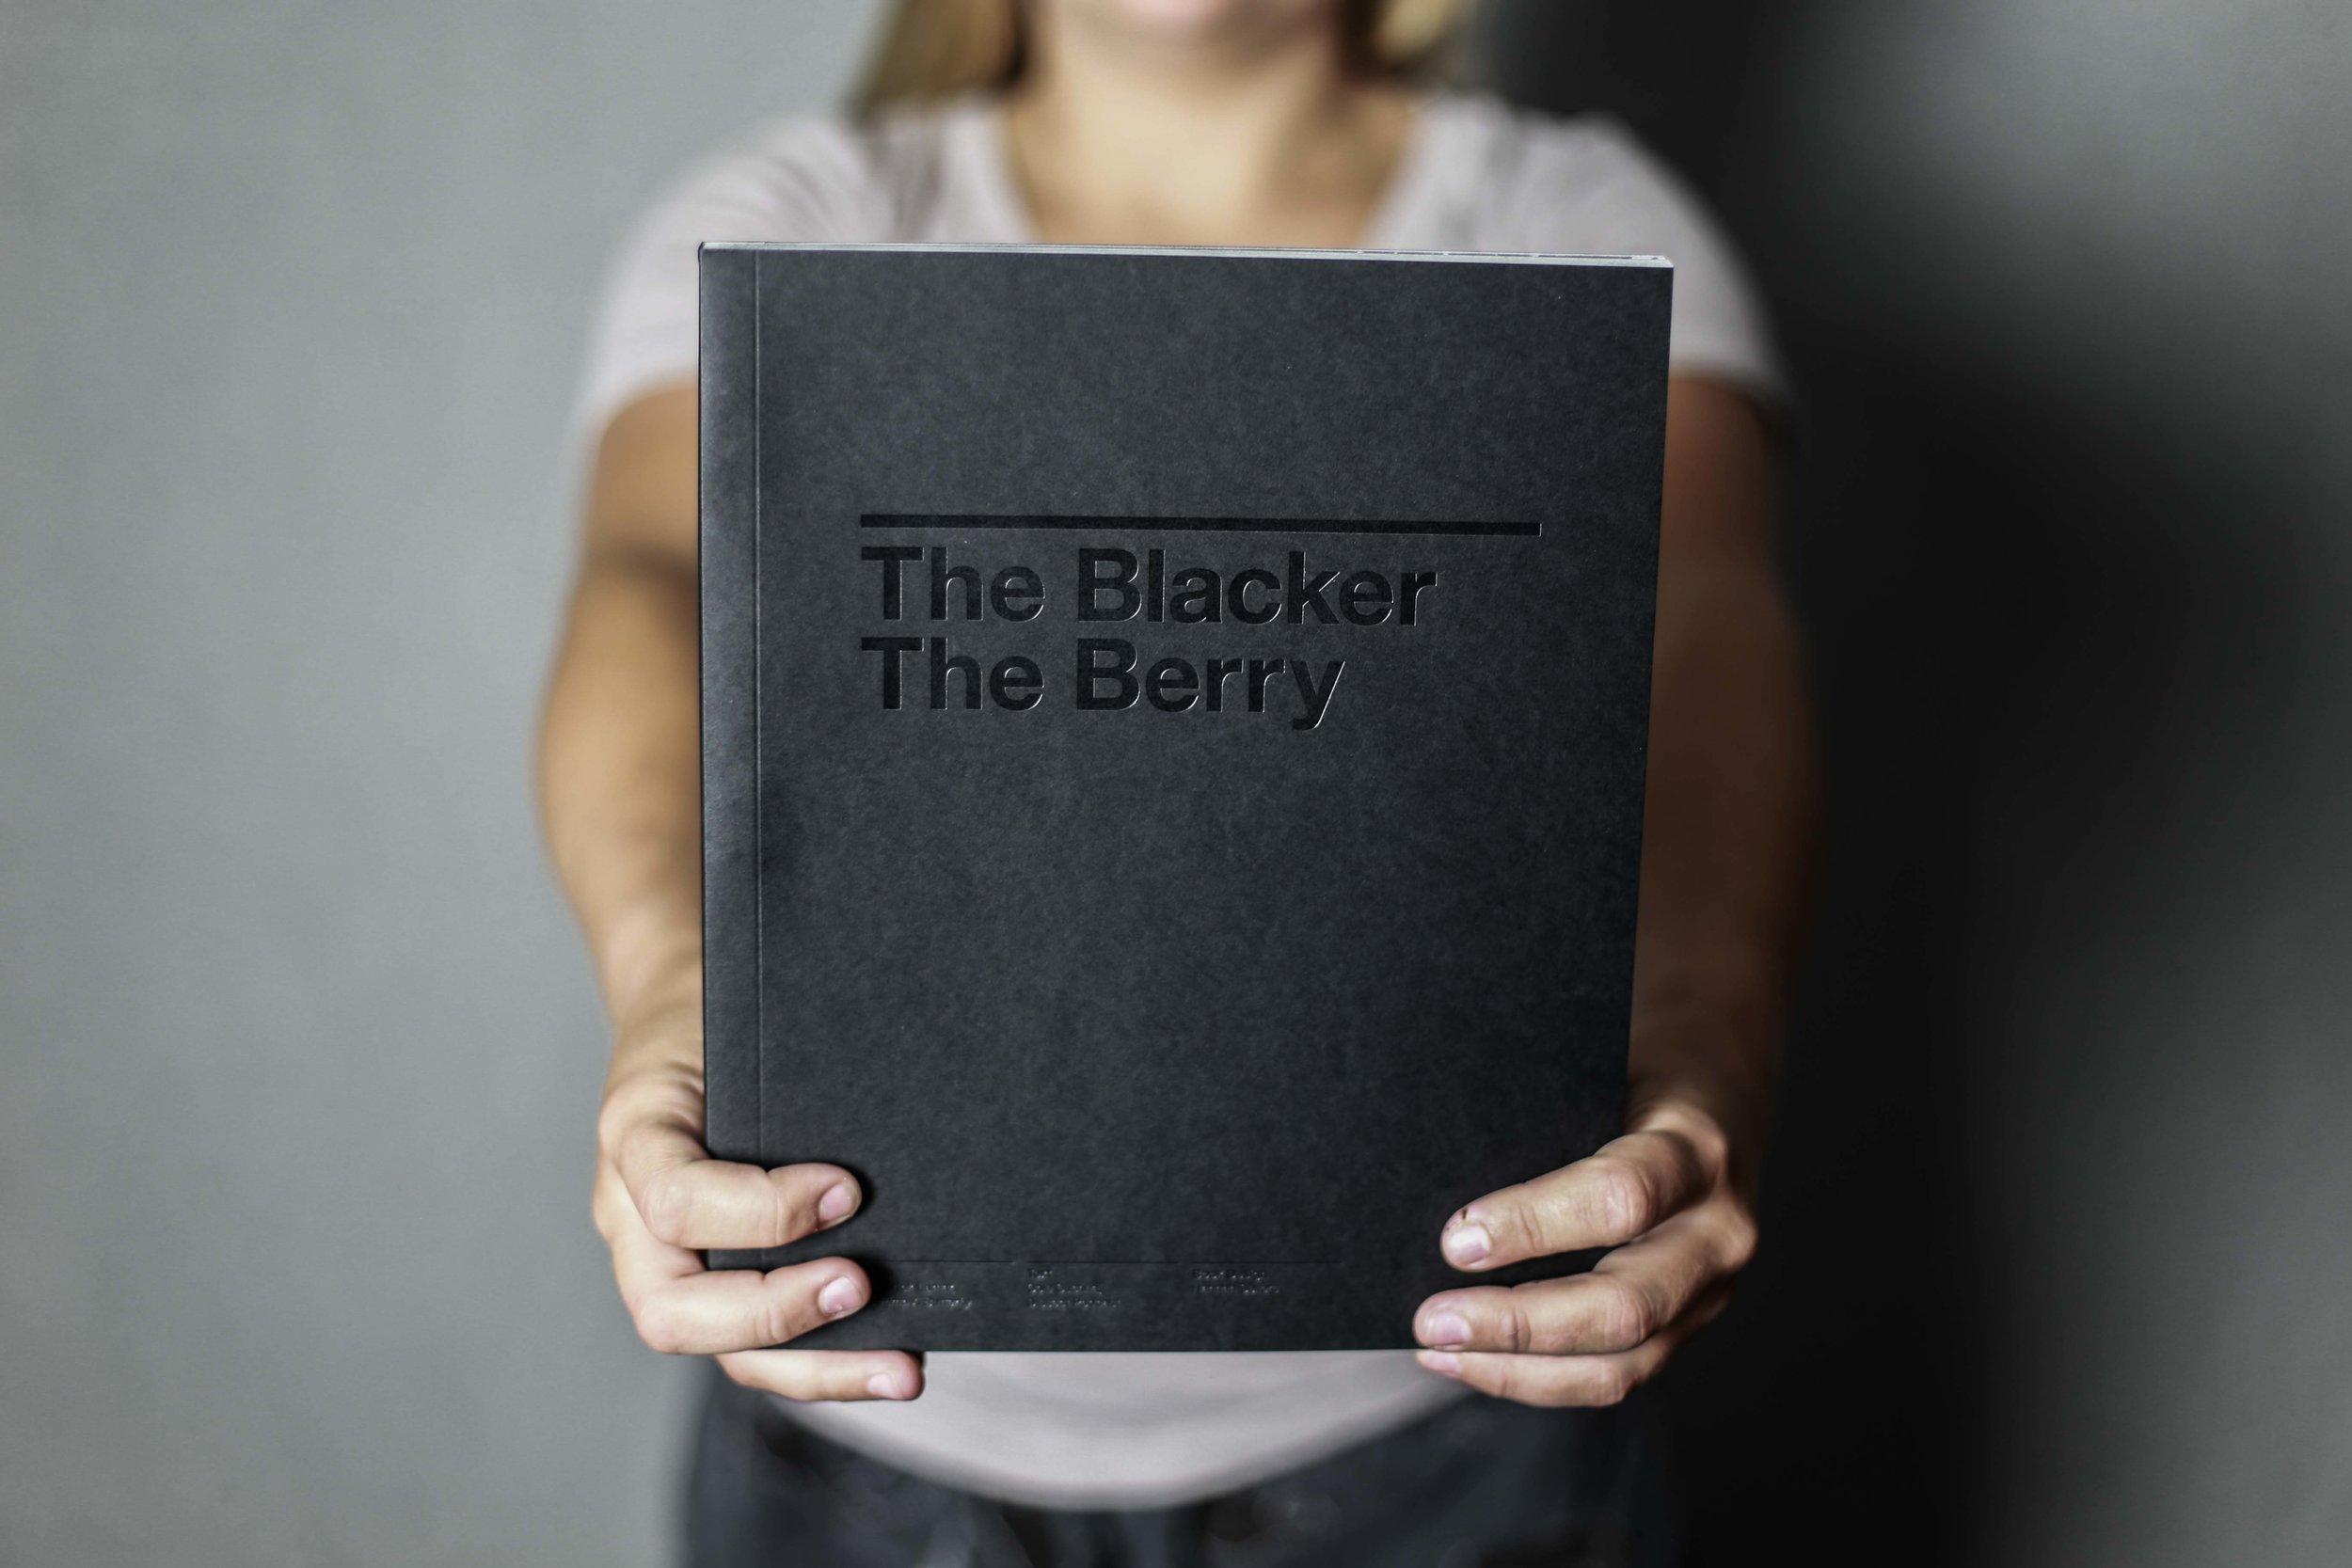 blacker_berry-book photo-3.jpg